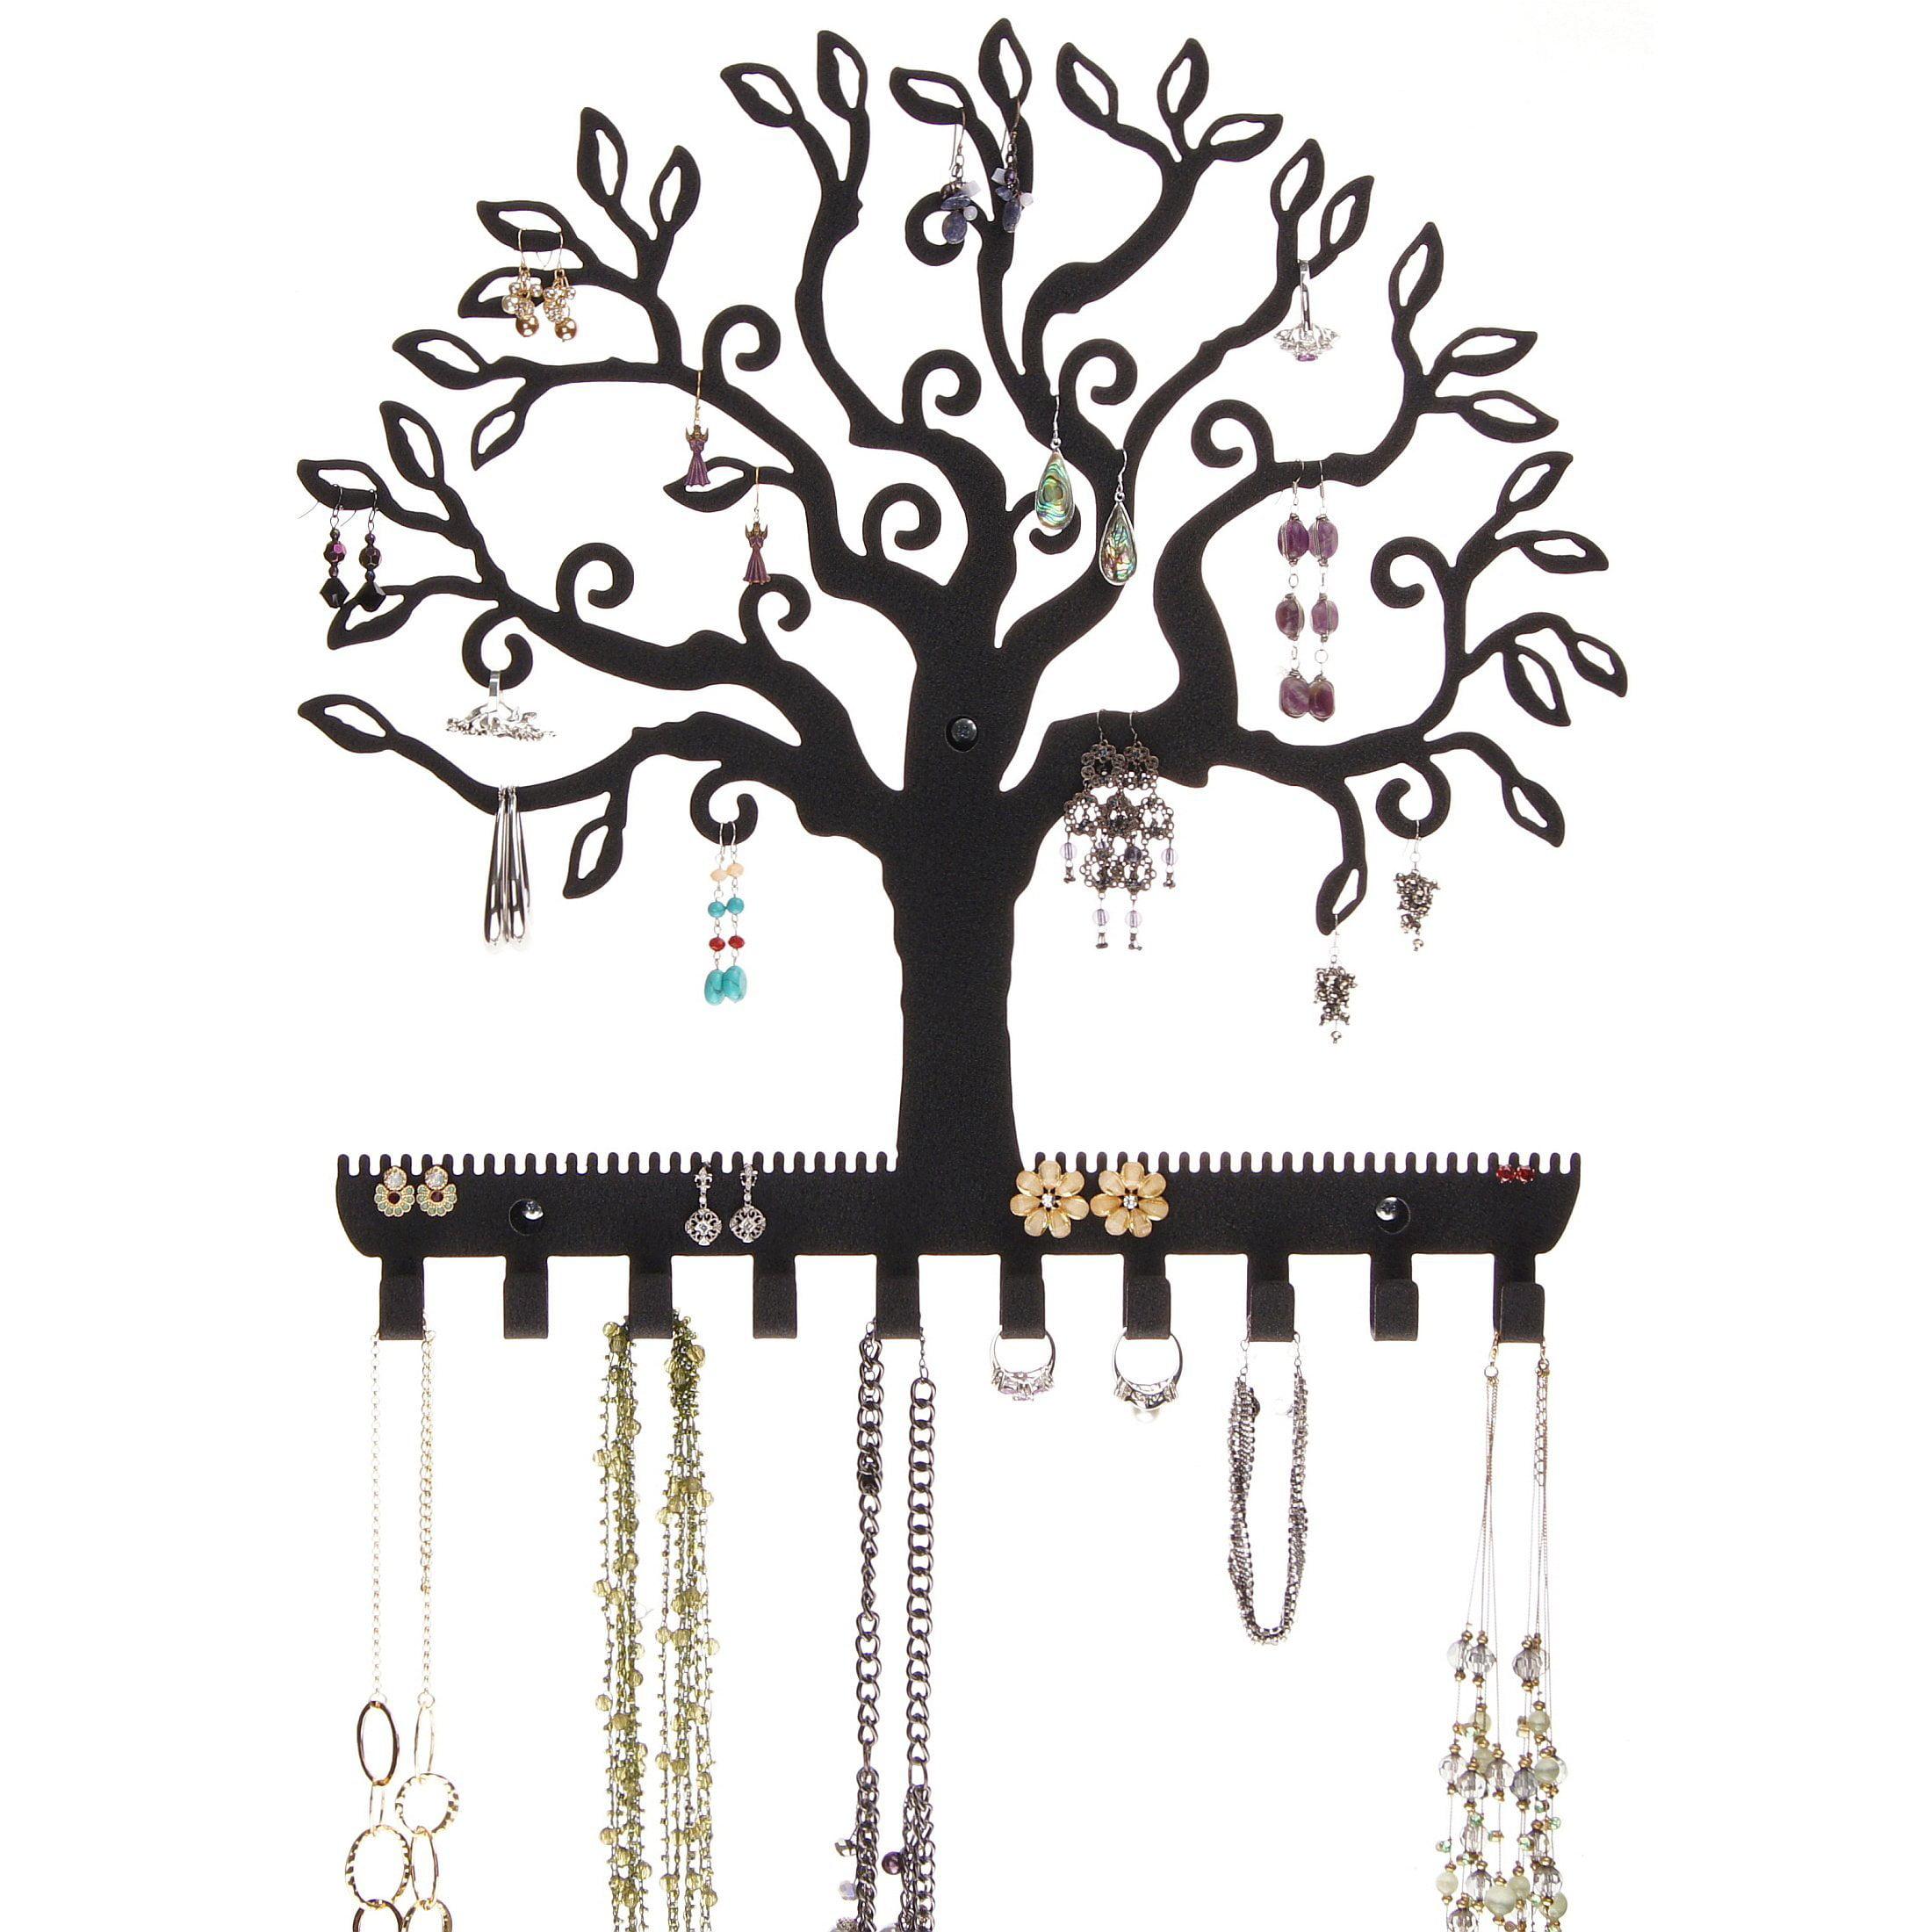 Bracelet Holder Jewelry Organizer Wall Mount Cork Earring Holder Jewelry Tree